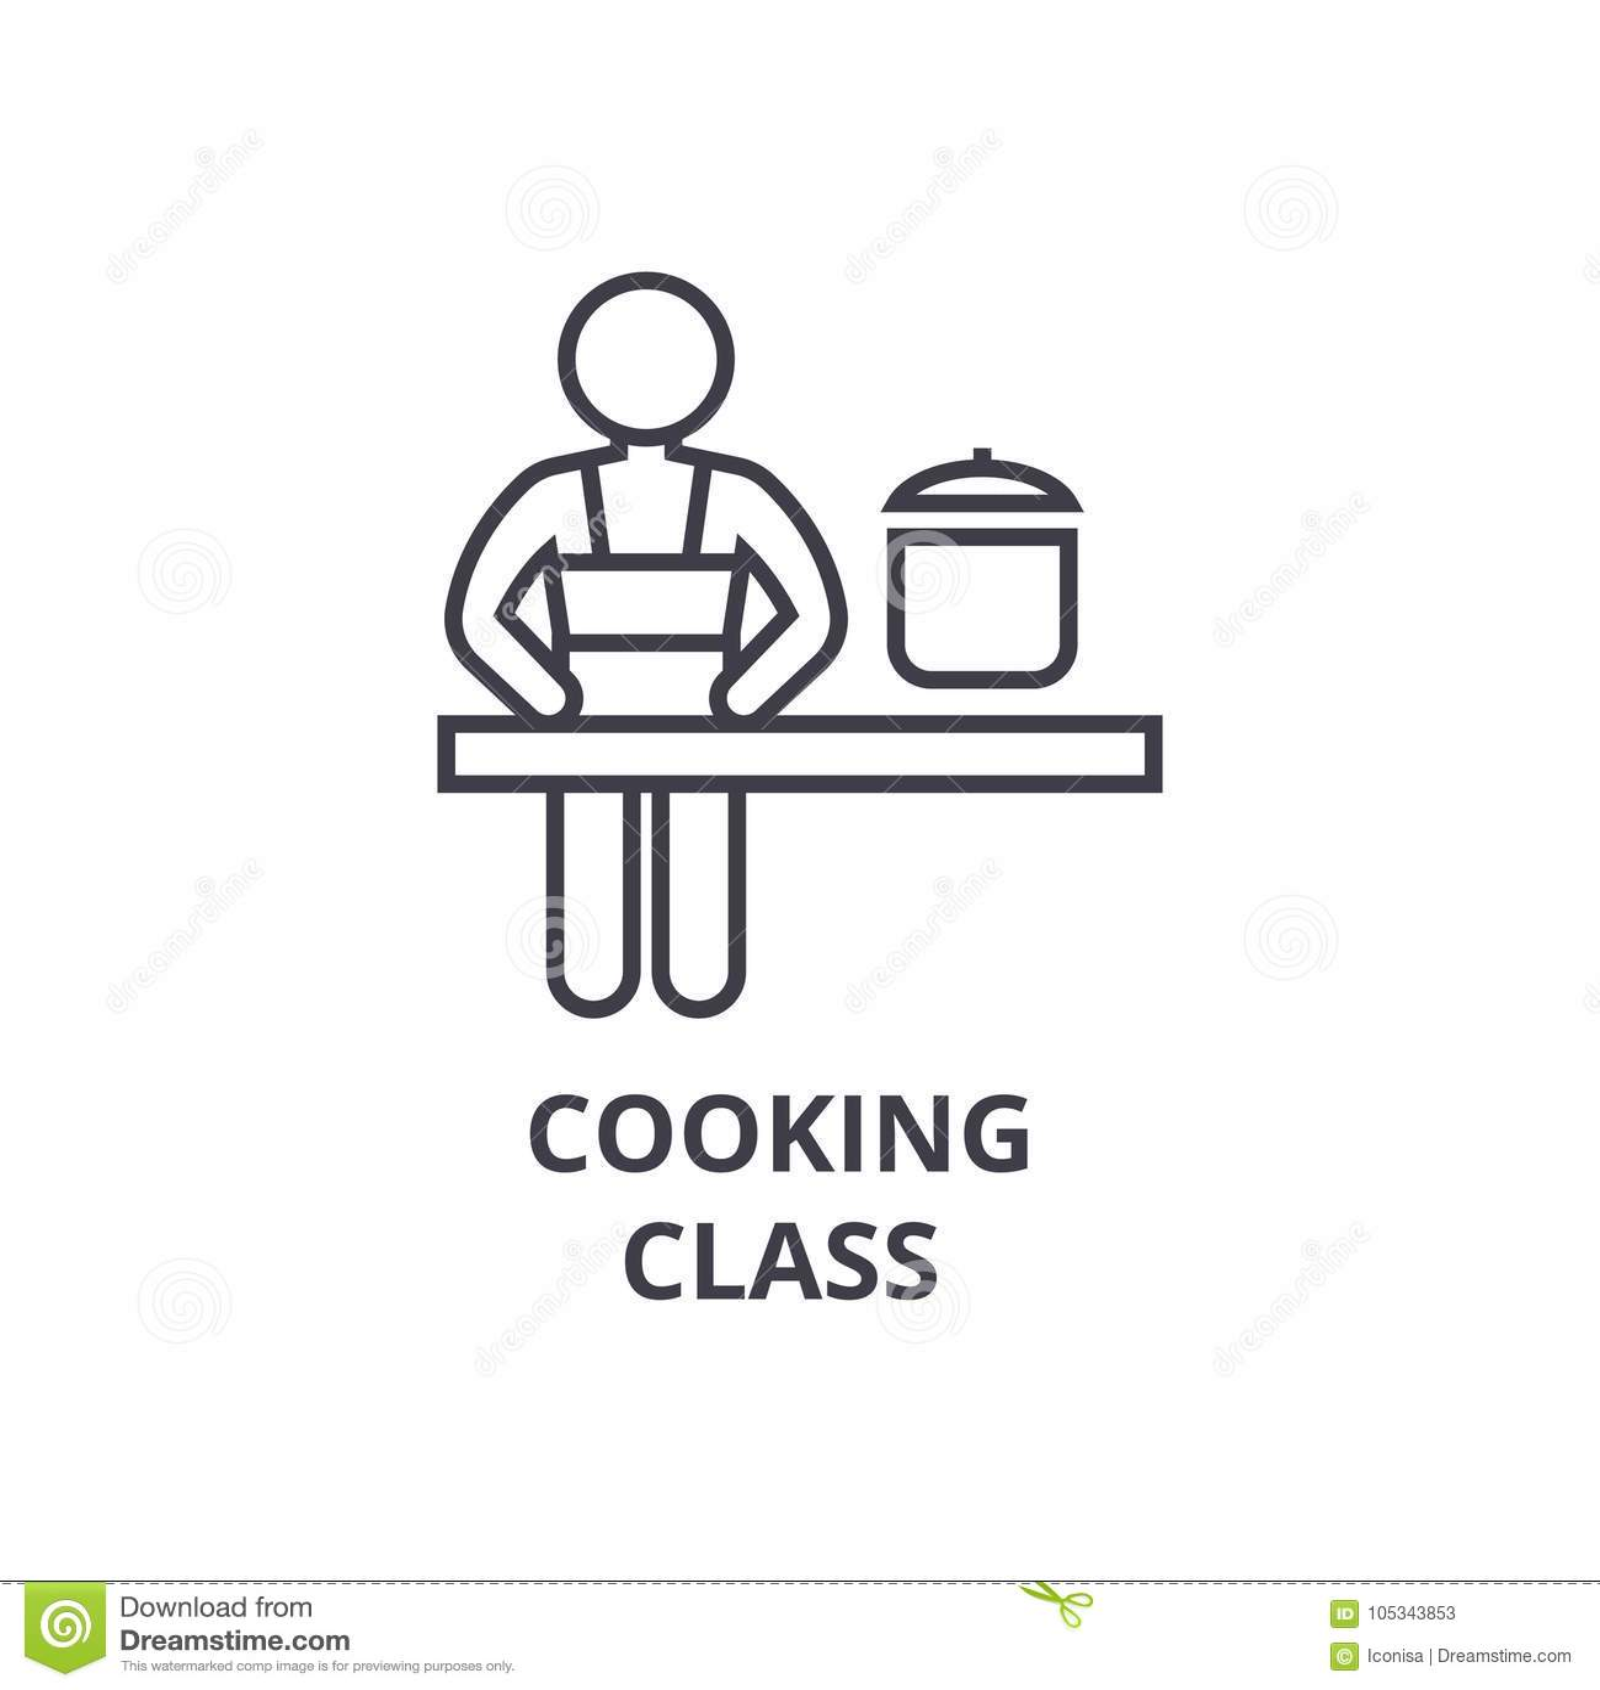 Linea icona, segno del profilo, simbolo lineare, vettore, illustrazione piana della classe di cottura